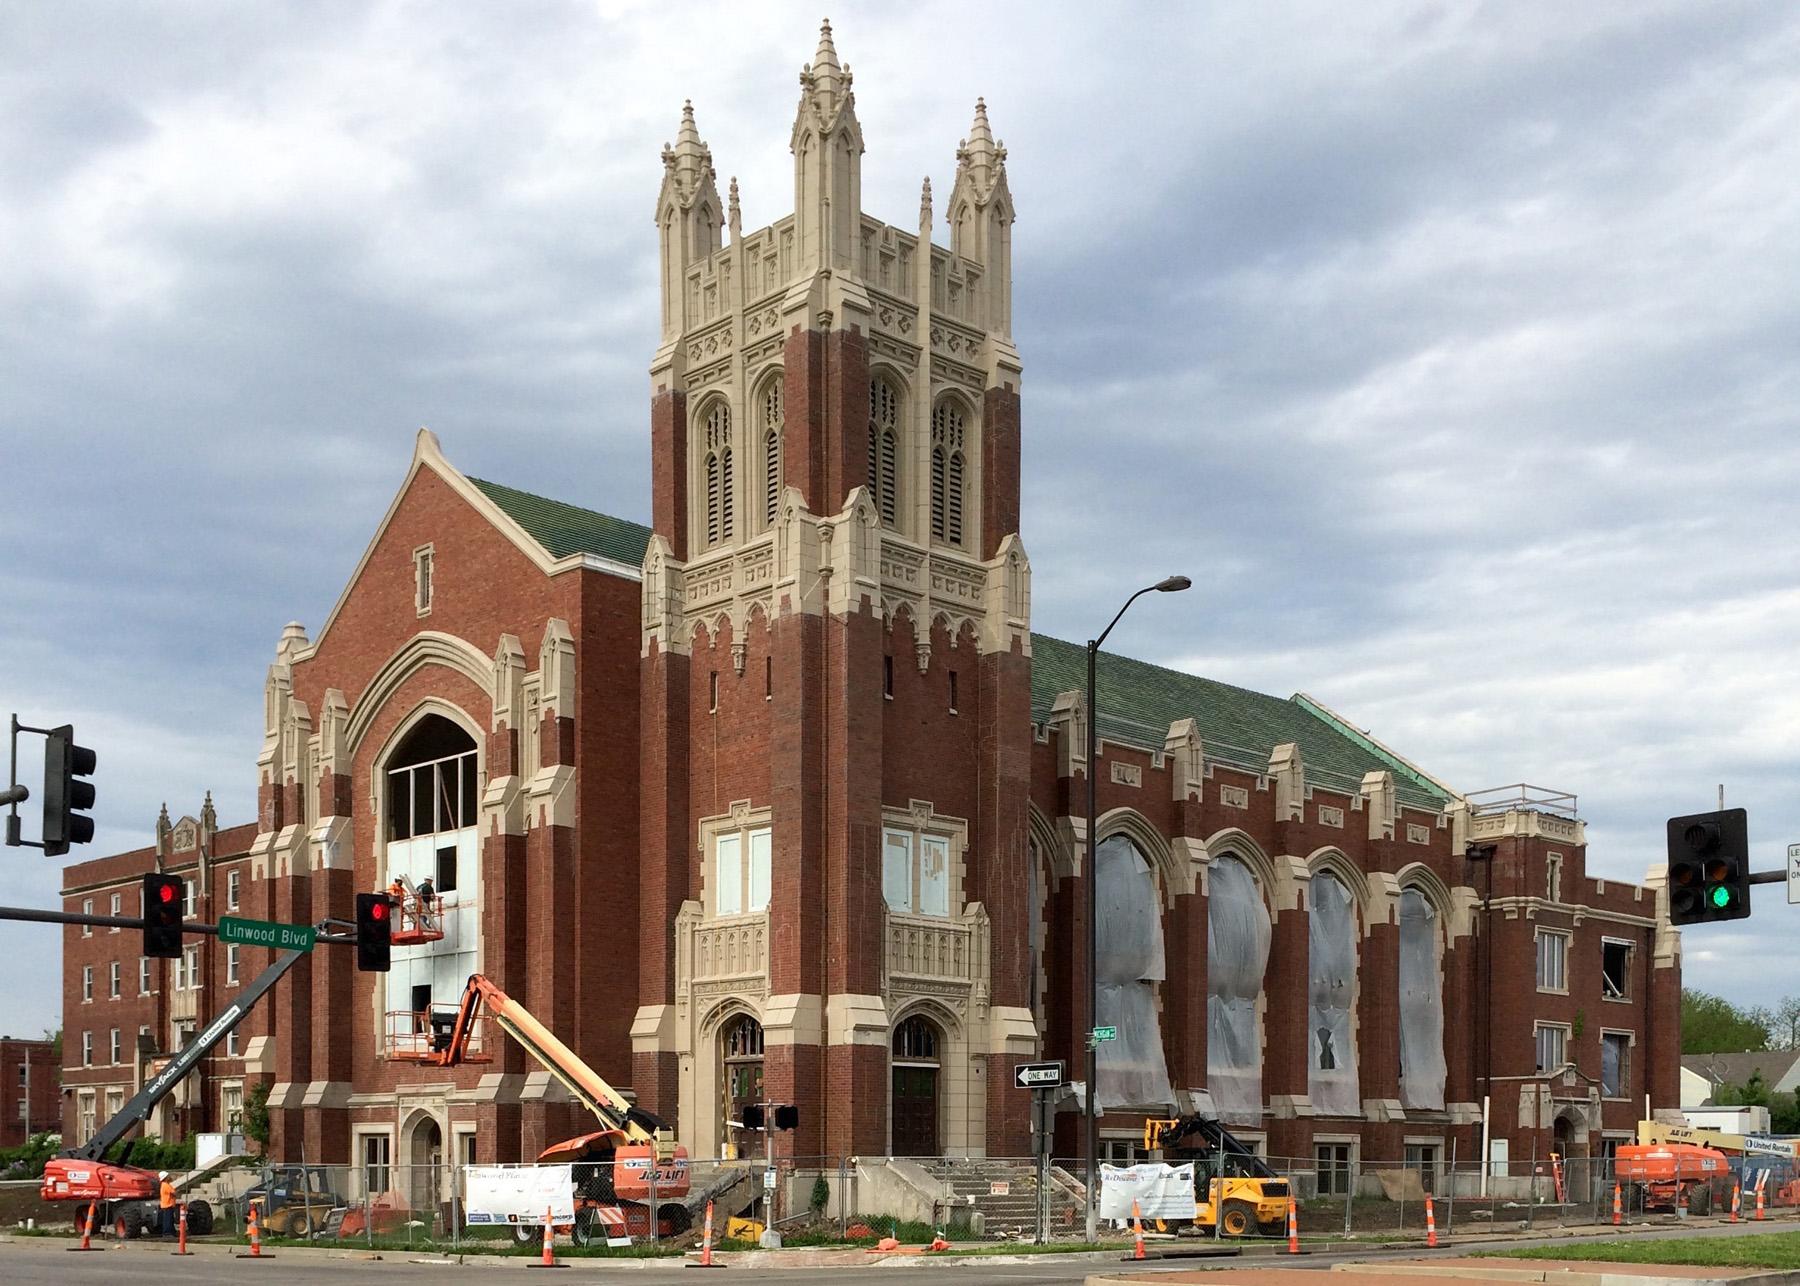 Vacant church converted into a non-profit center, Kansas City, MO - NMTC & HTC